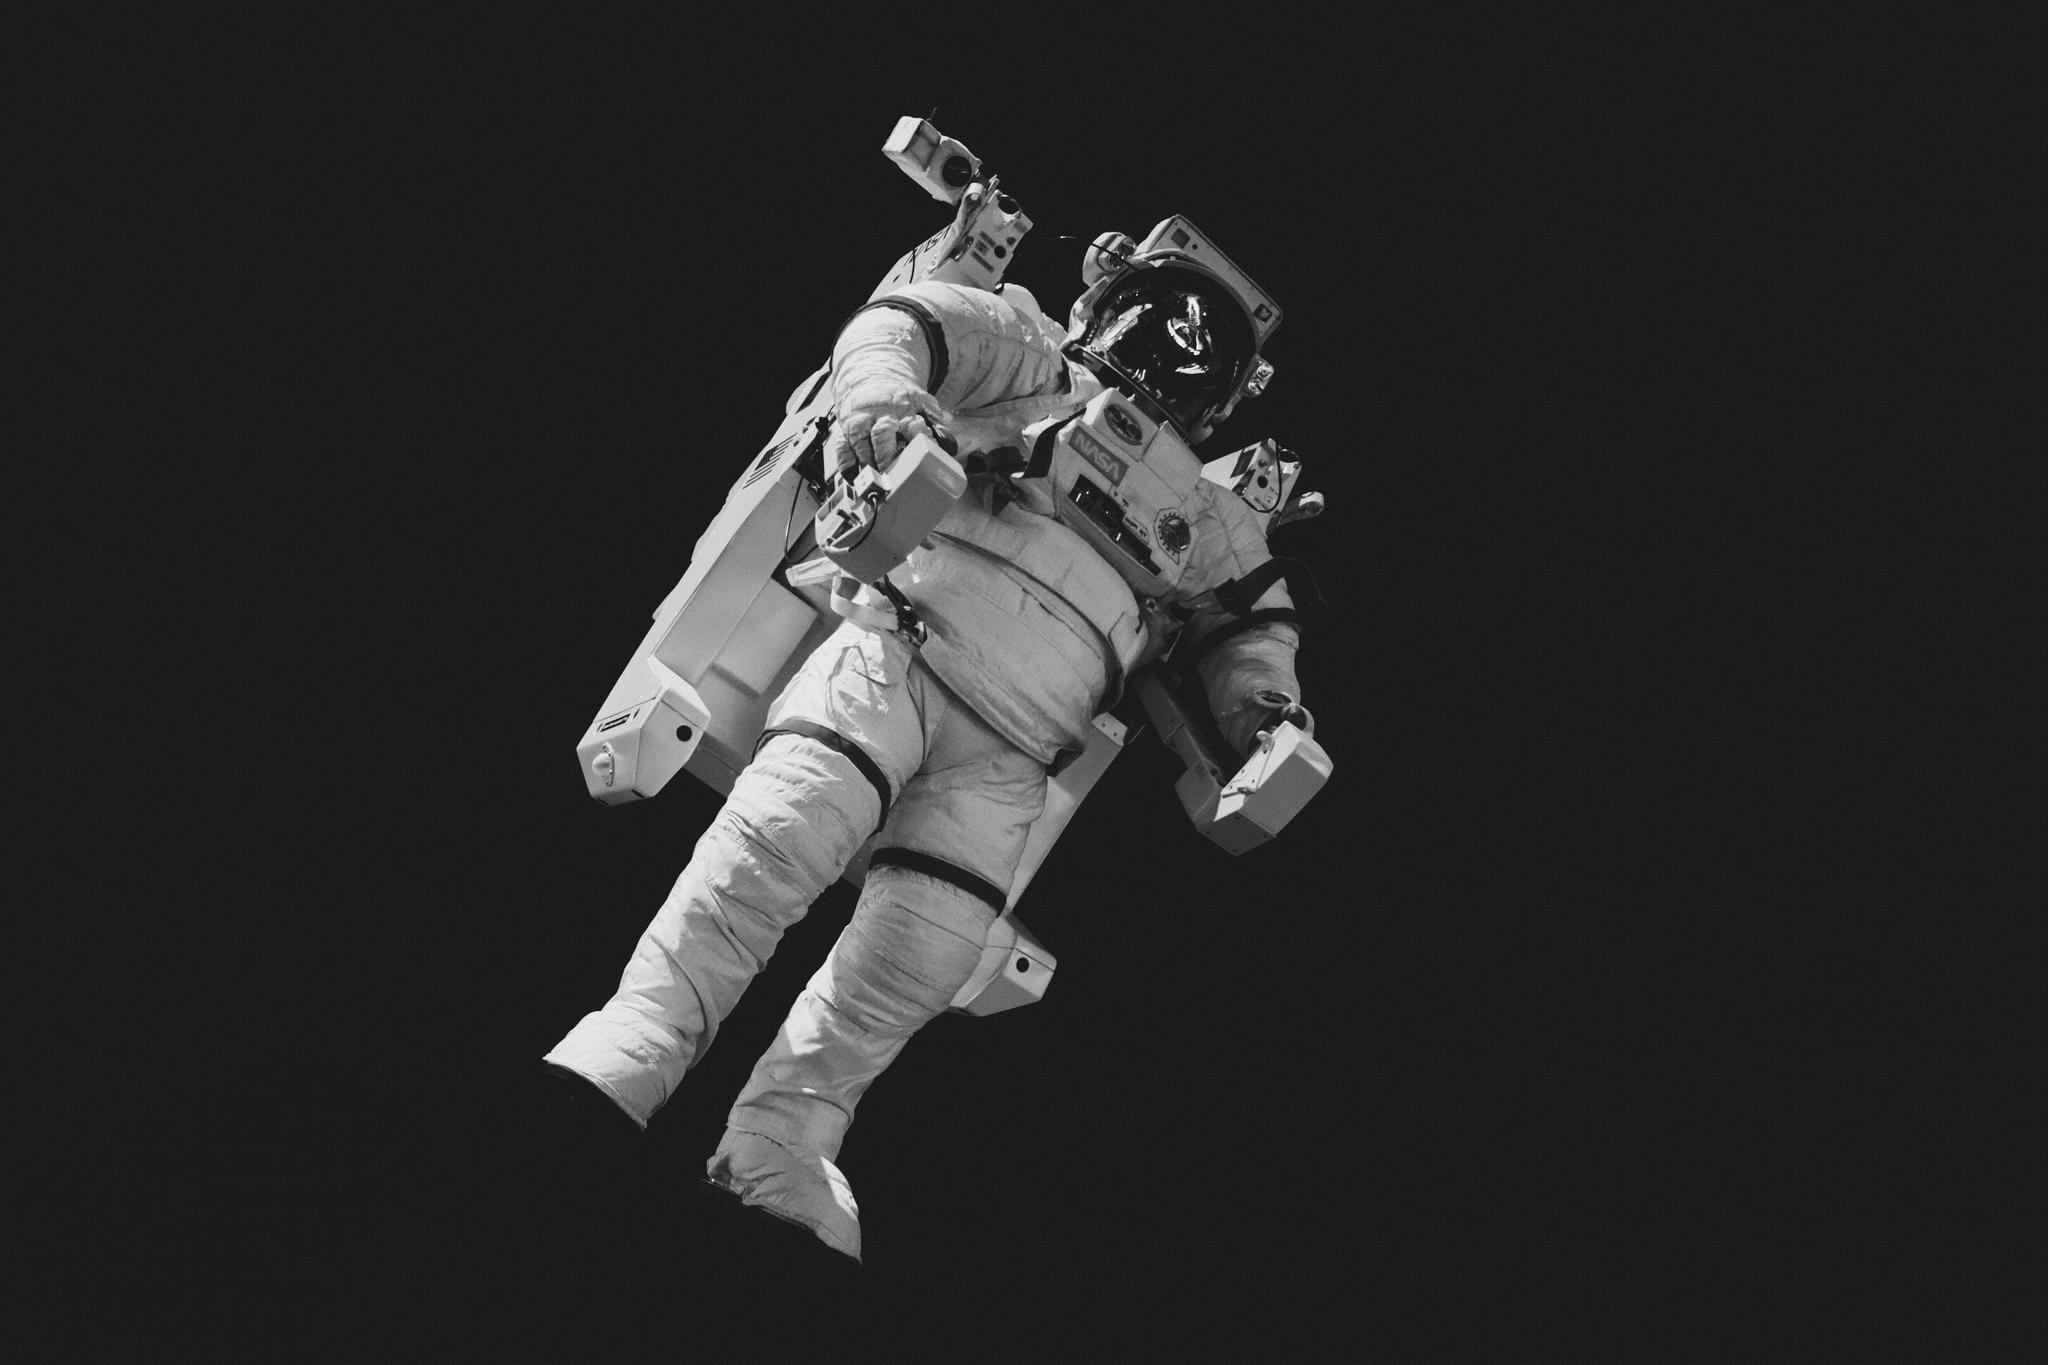 波音陷入困境的Starliner太空舱,计划于7月飞往空间站